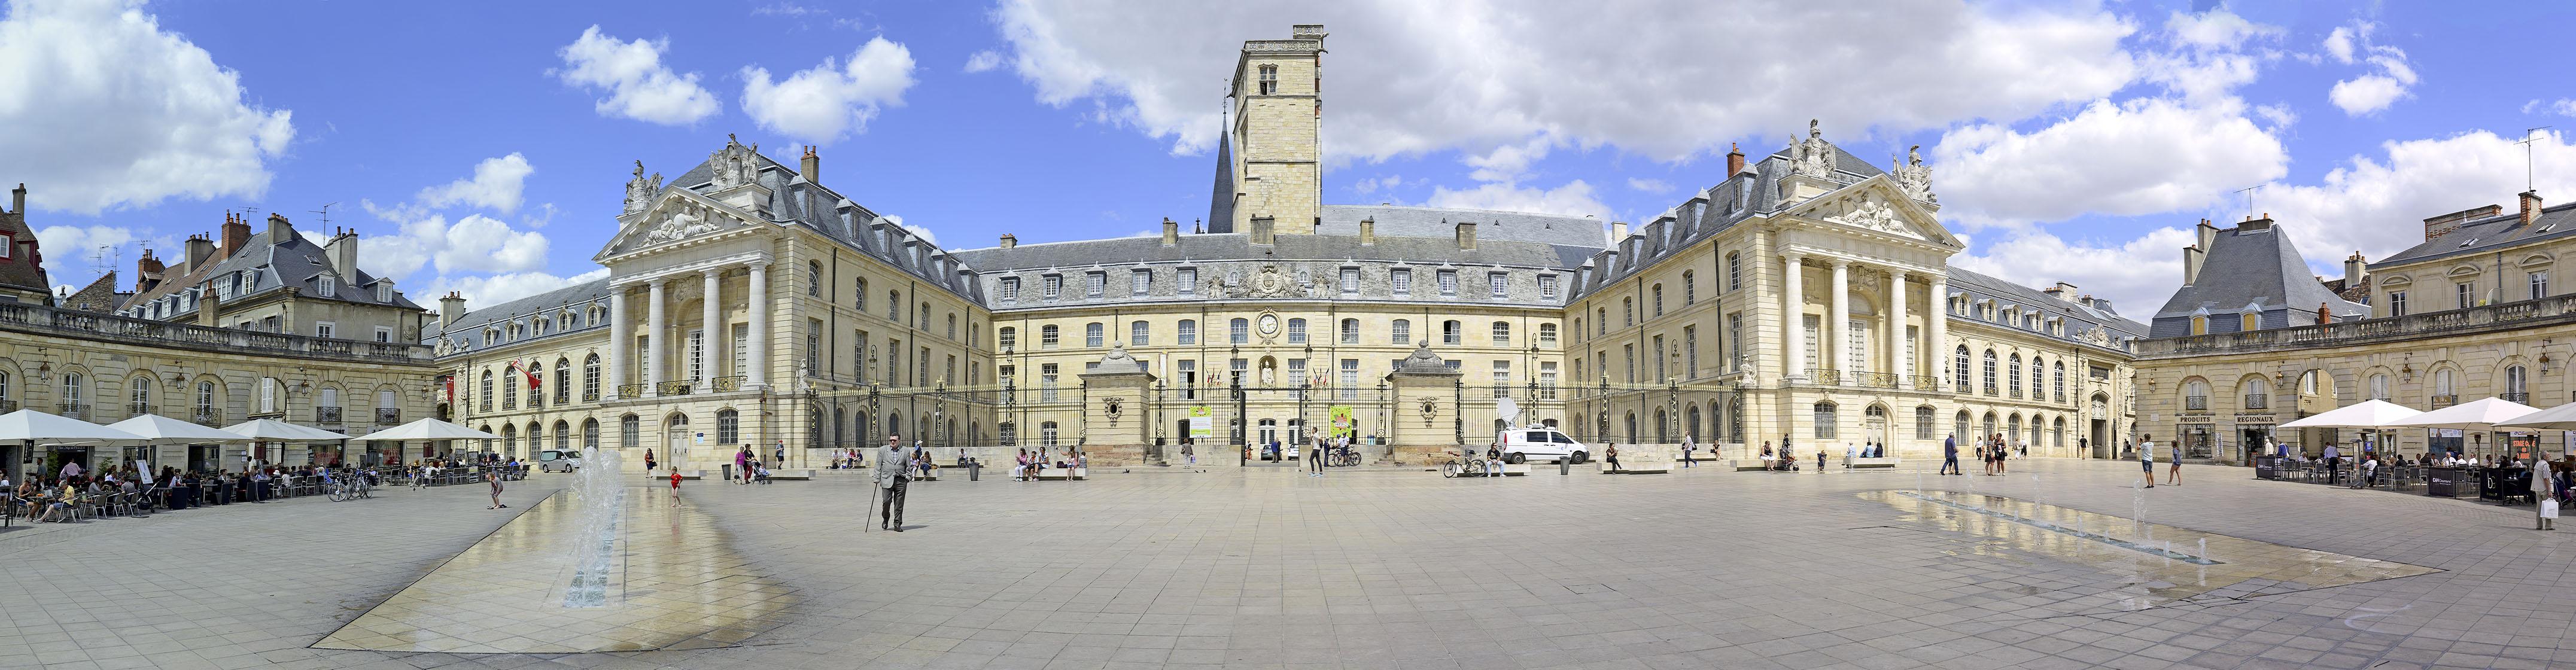 Dijon plein bij paleis